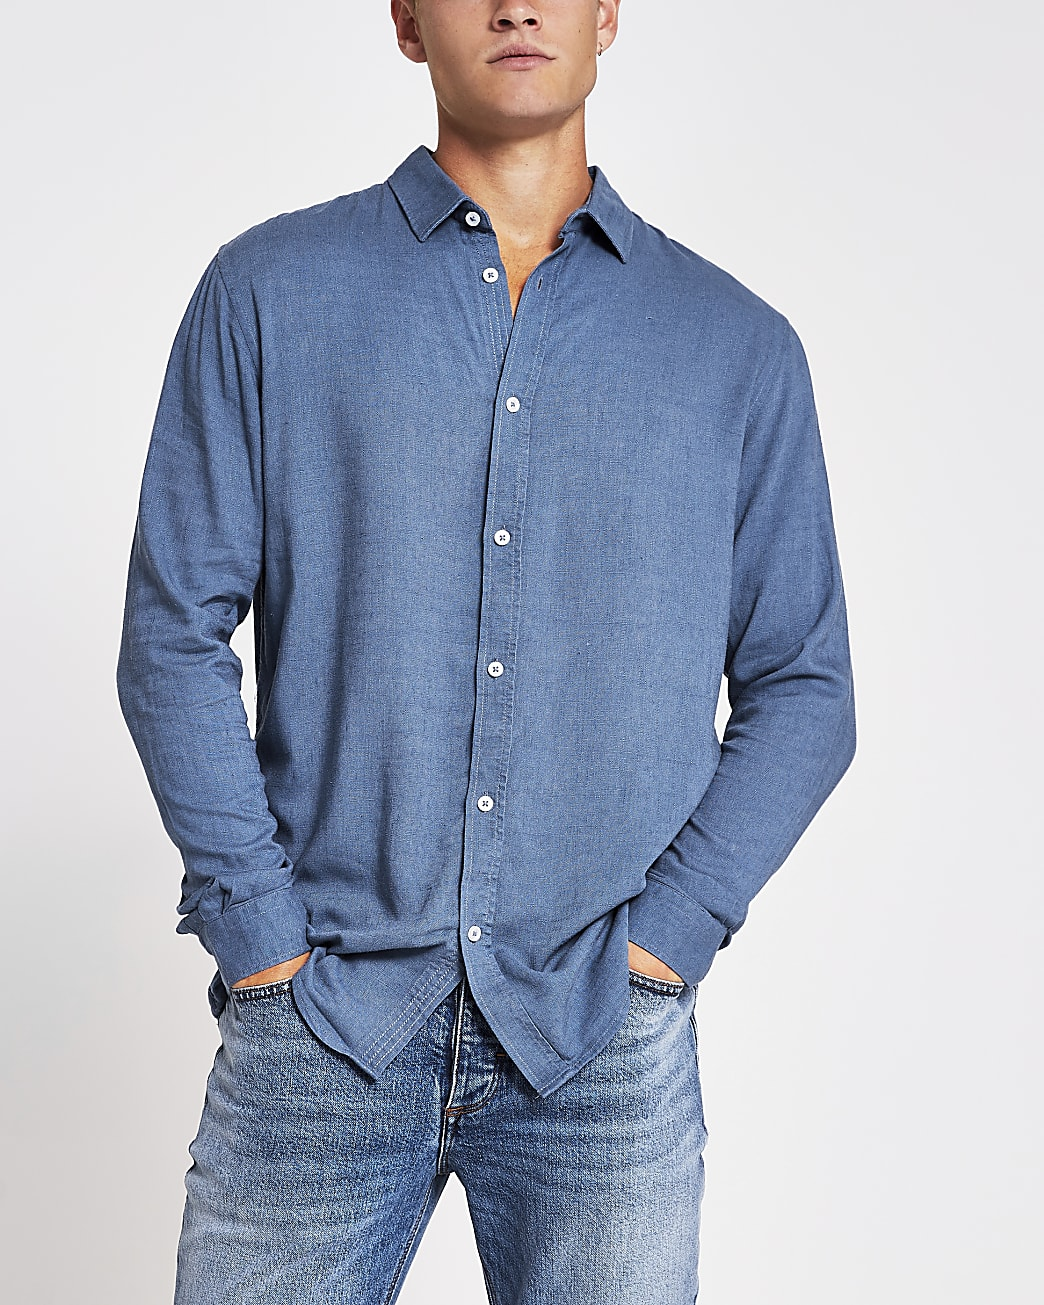 Blue linen regular fit long sleeve shirt